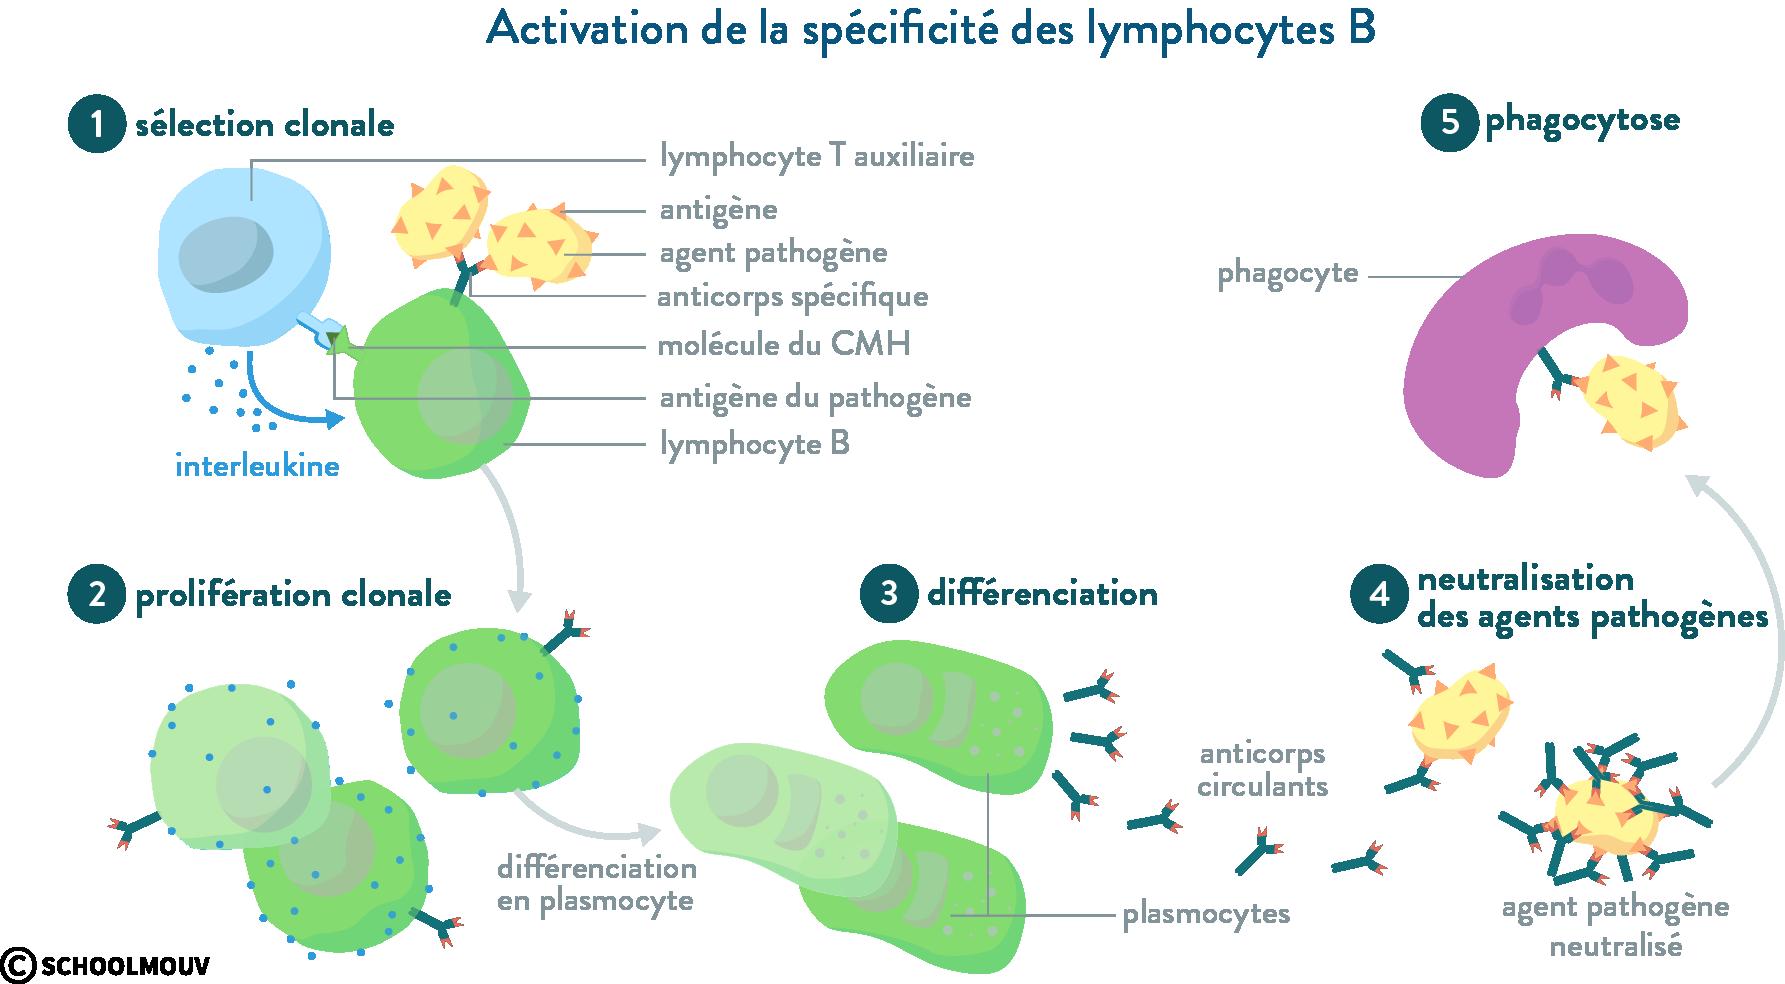 immunité acquise réponse immunitaire spécificité lymphocyte B